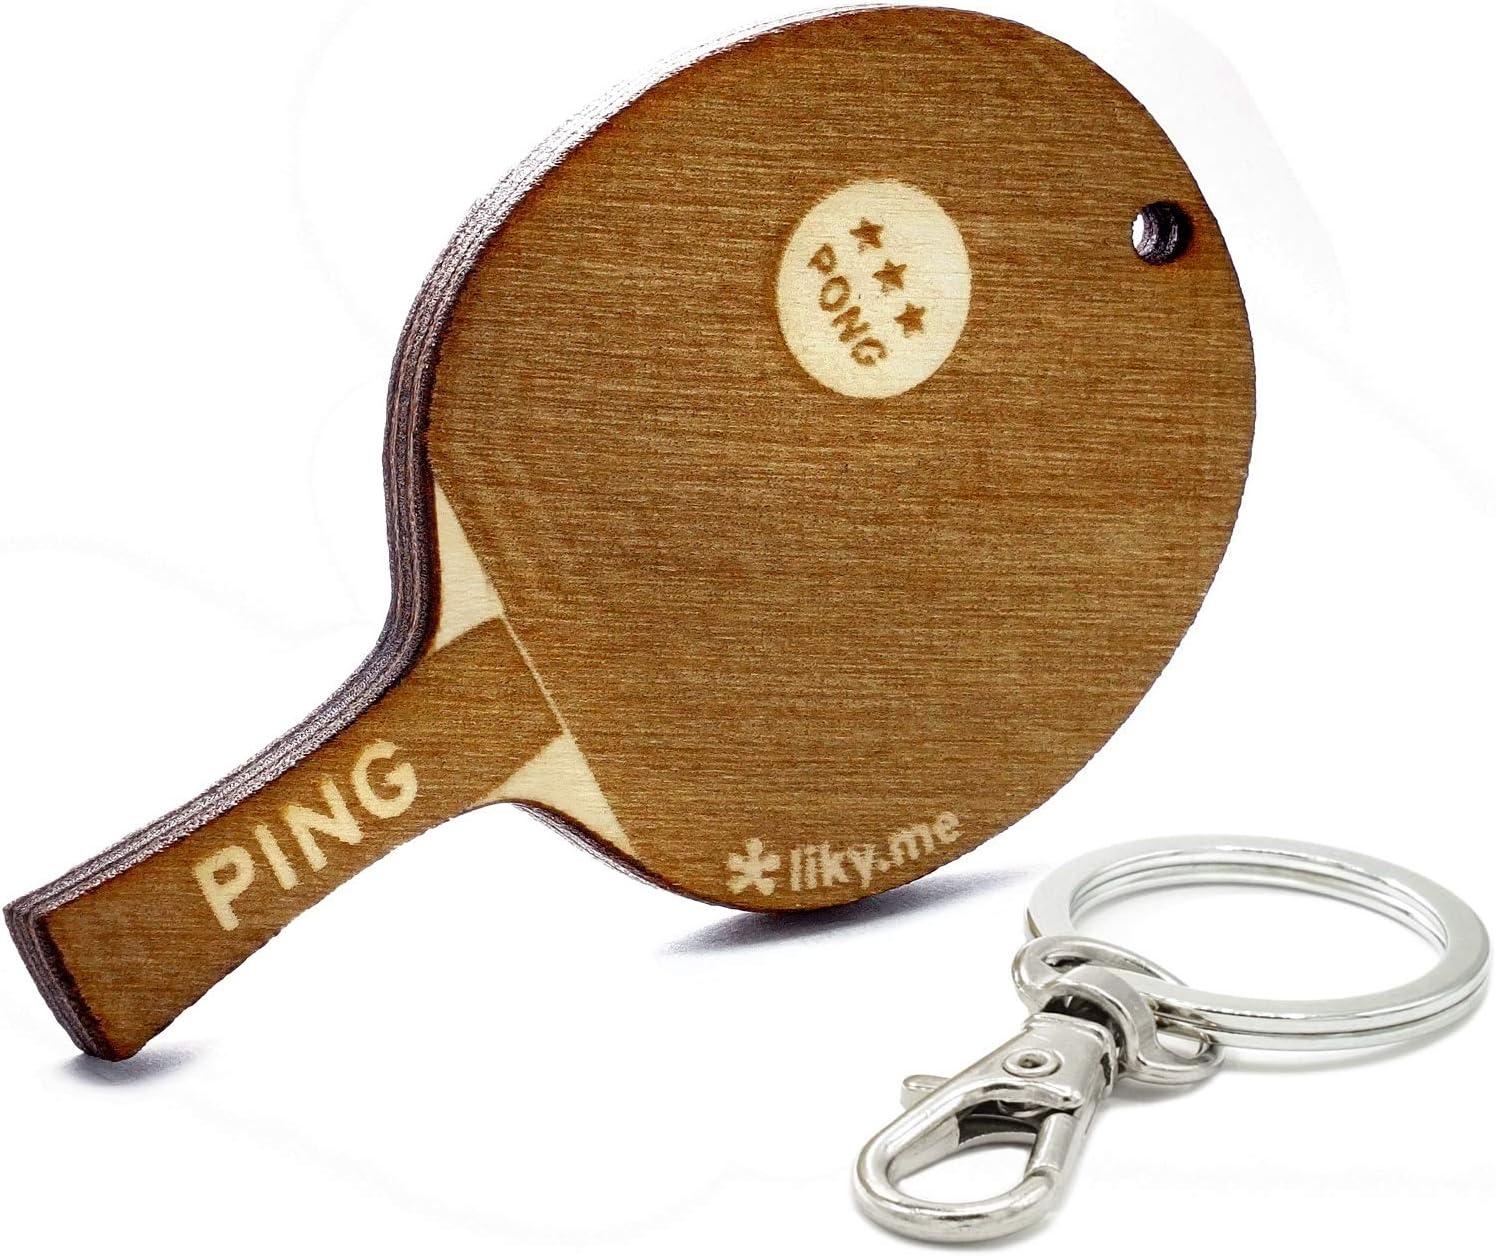 LIKY® Tenis de Mesa Ping Pong- Llavero Original de Madera Grabado Regalo para día del Padre Madre Mujer Hombre cumpleaños pasatiempo Colgante Bolso Mochila